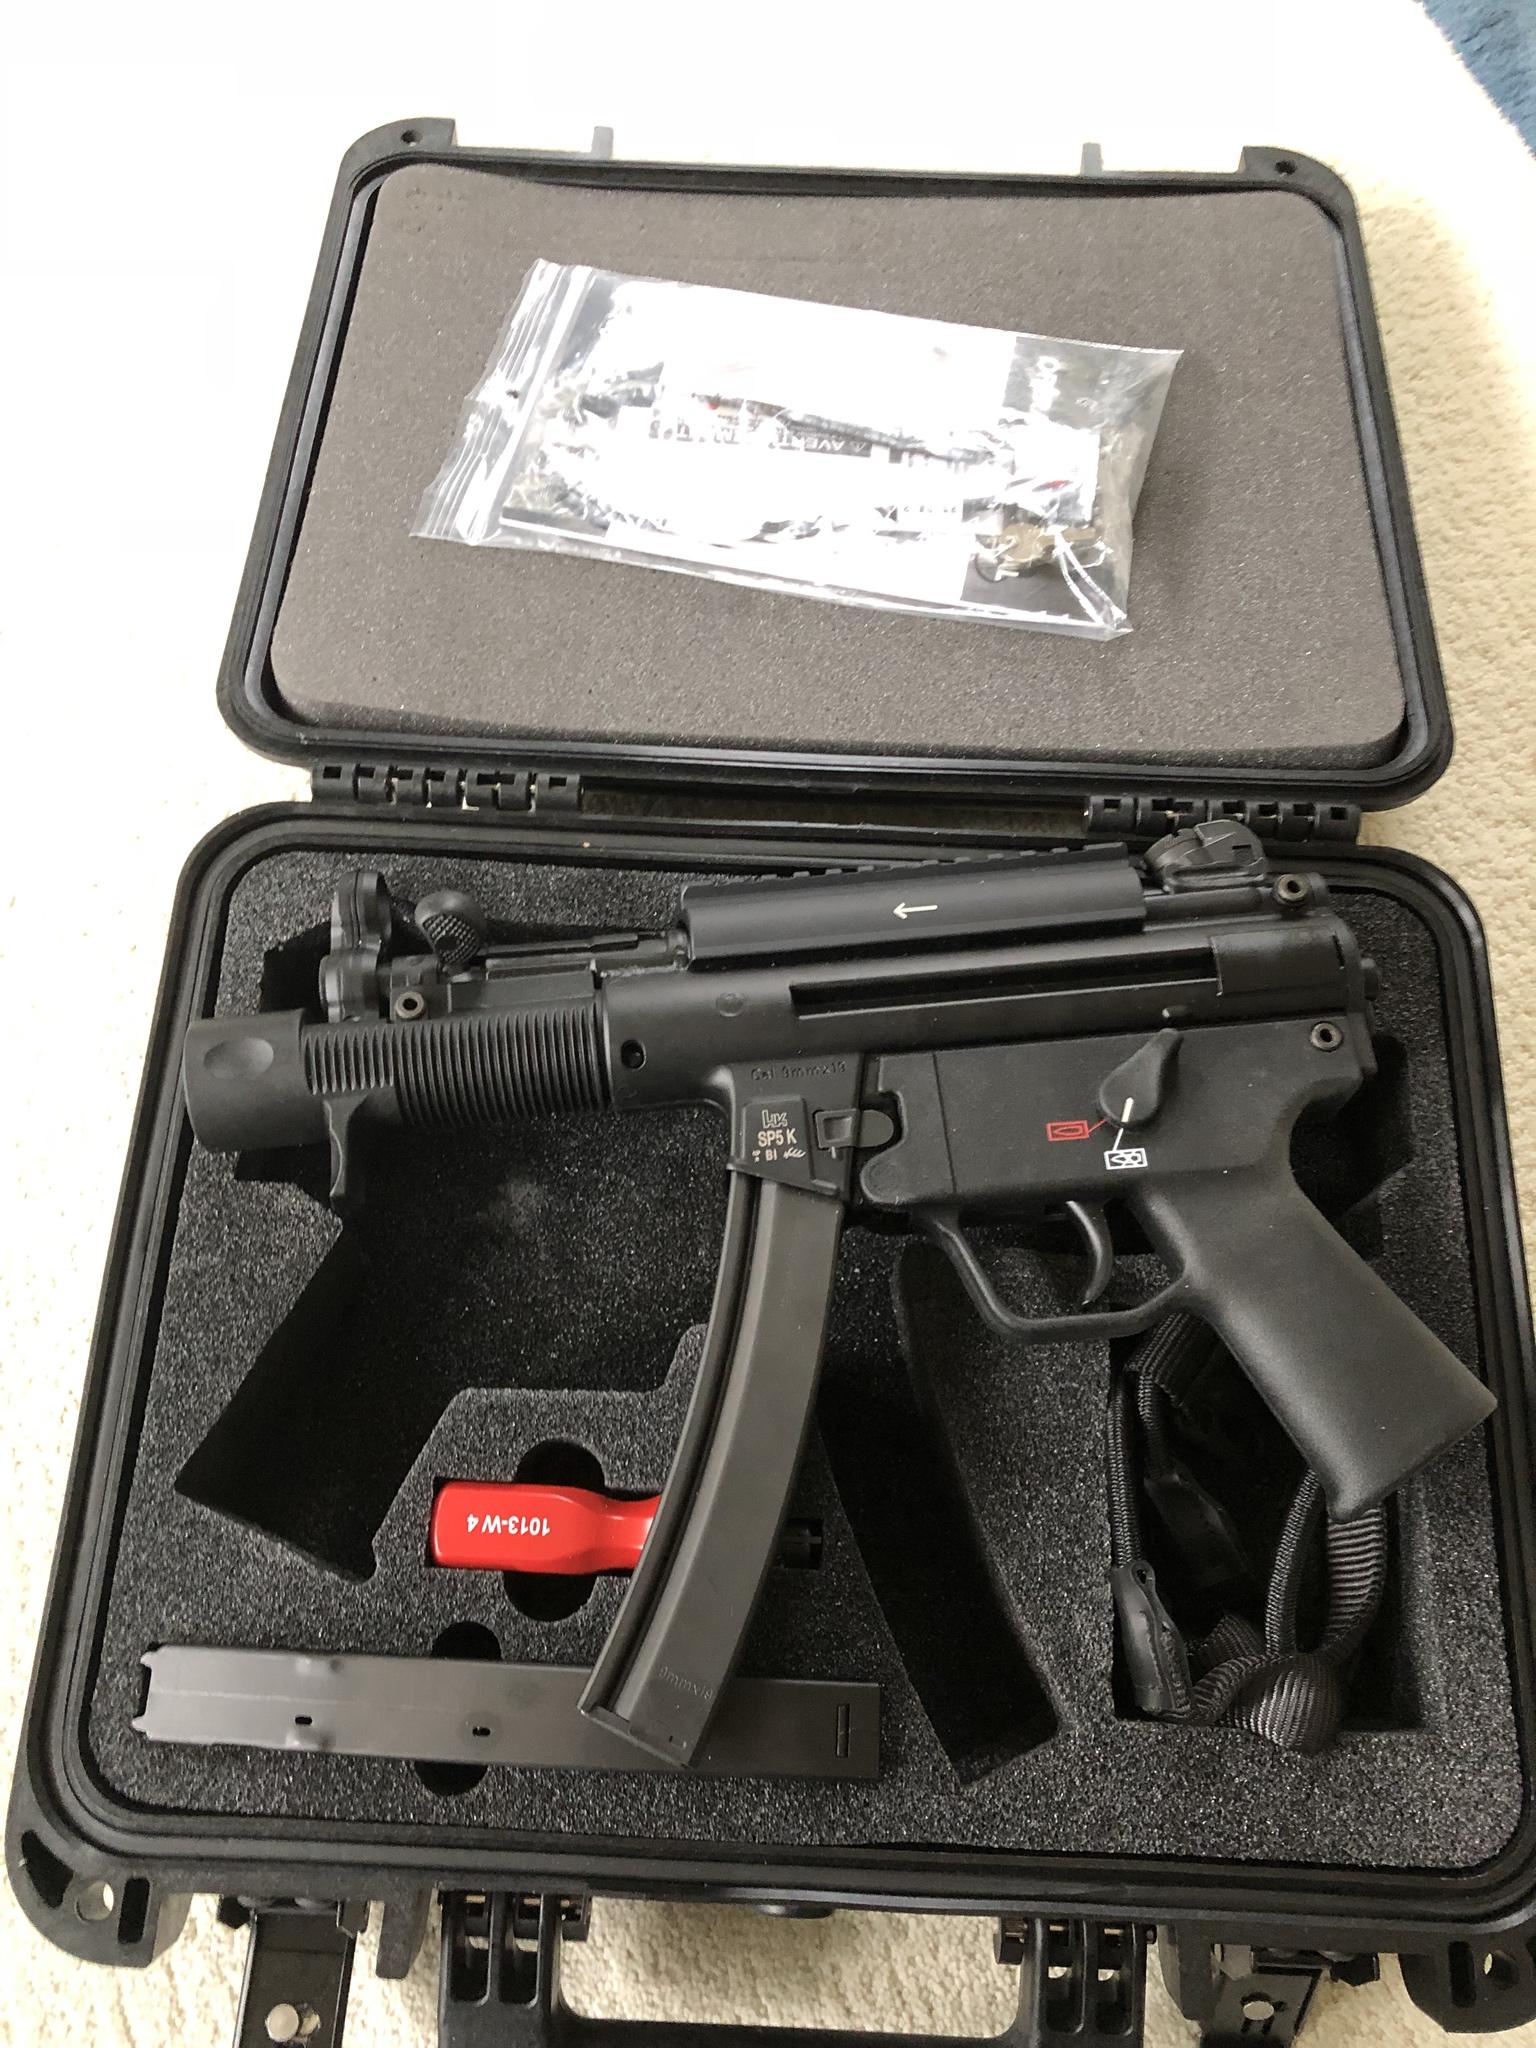 SOLD: nib HK sp5k ,200 Shipped-35vsahn.jpg